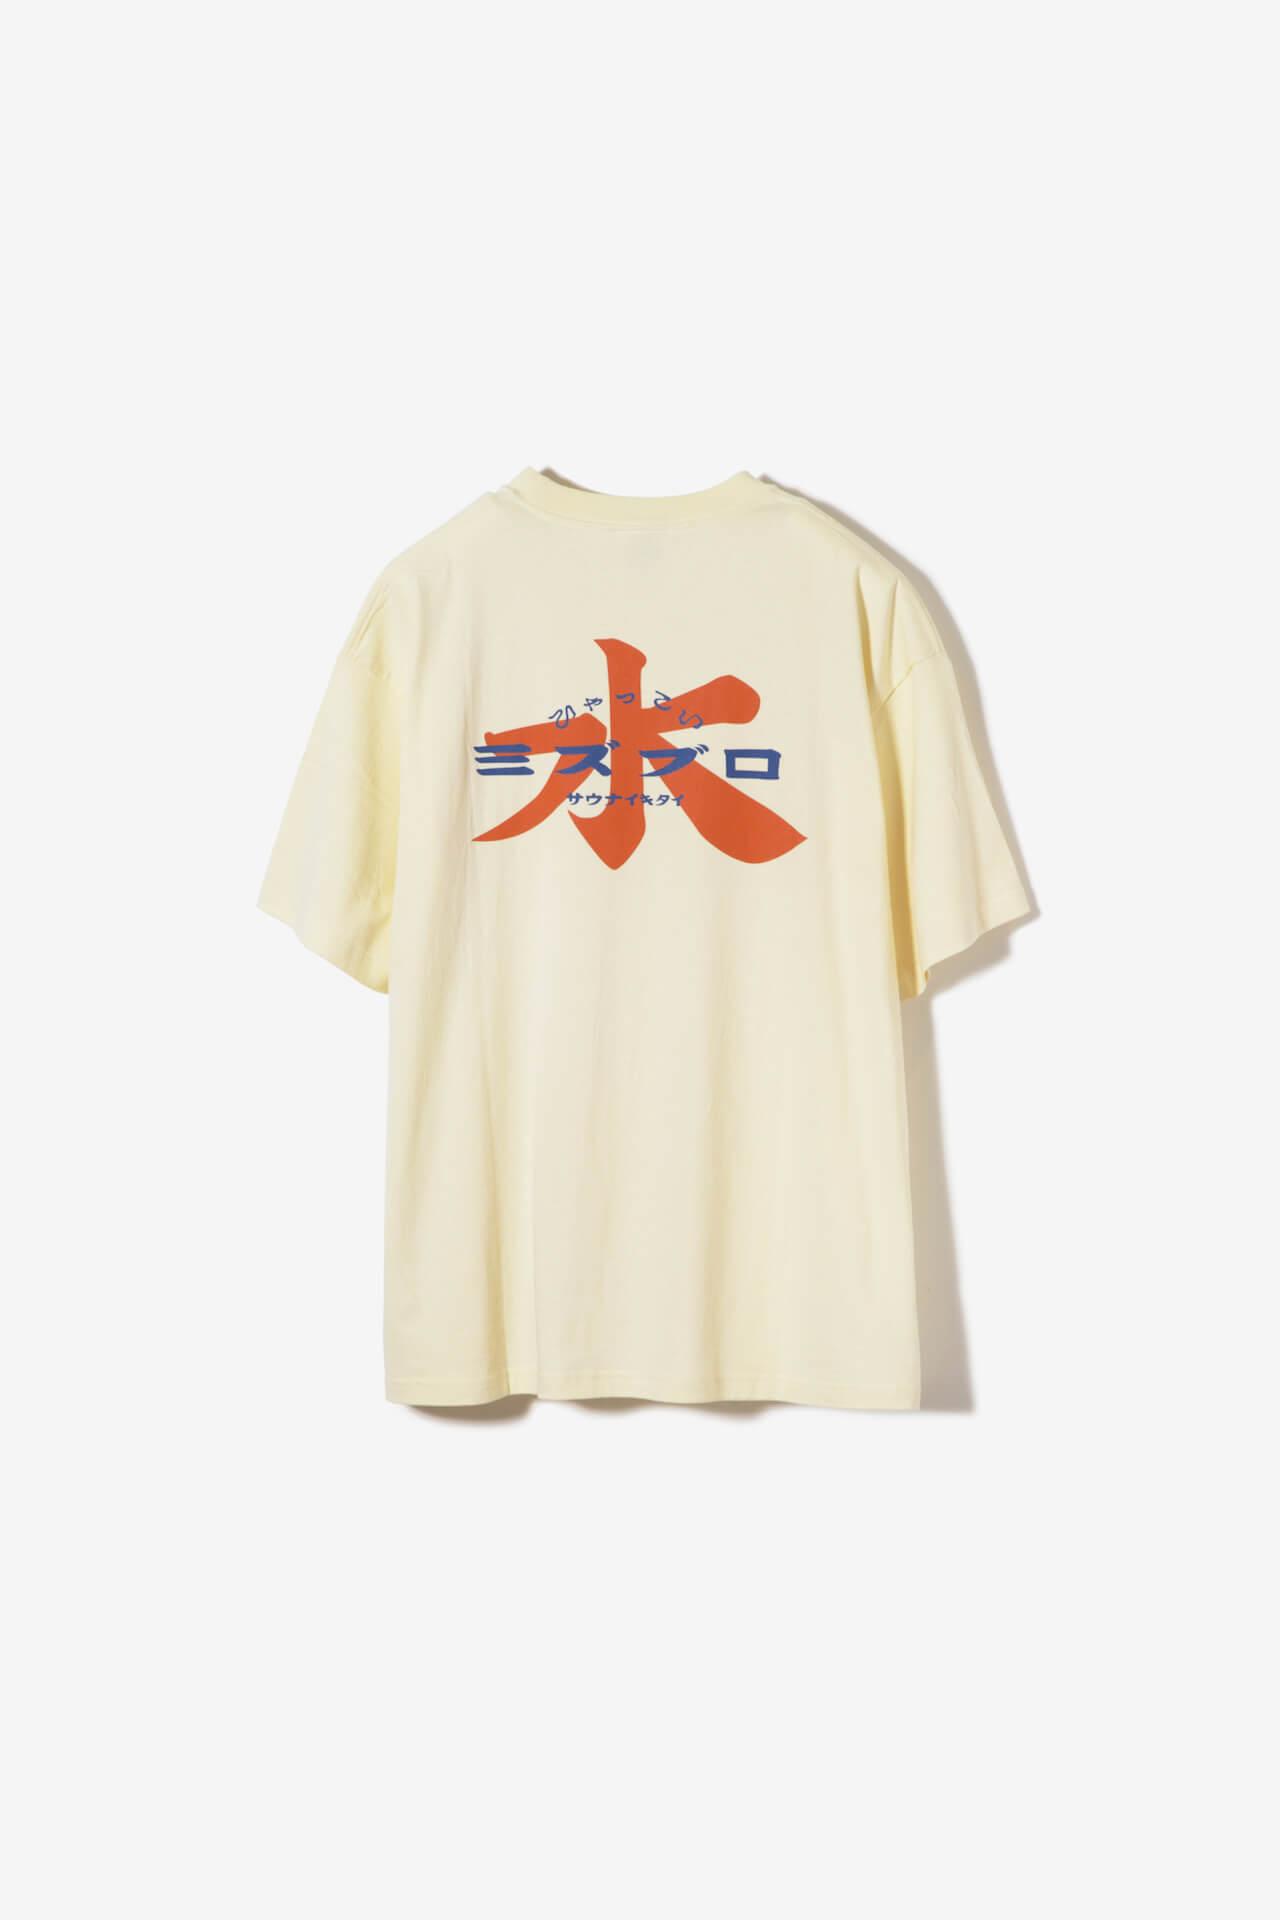 サウナイキタイのサウナグッズ2021年夏バージョンが発売!ペリカンシャツ、サコッシュなど5アイテムが登場 life210729_saunaikitai_9